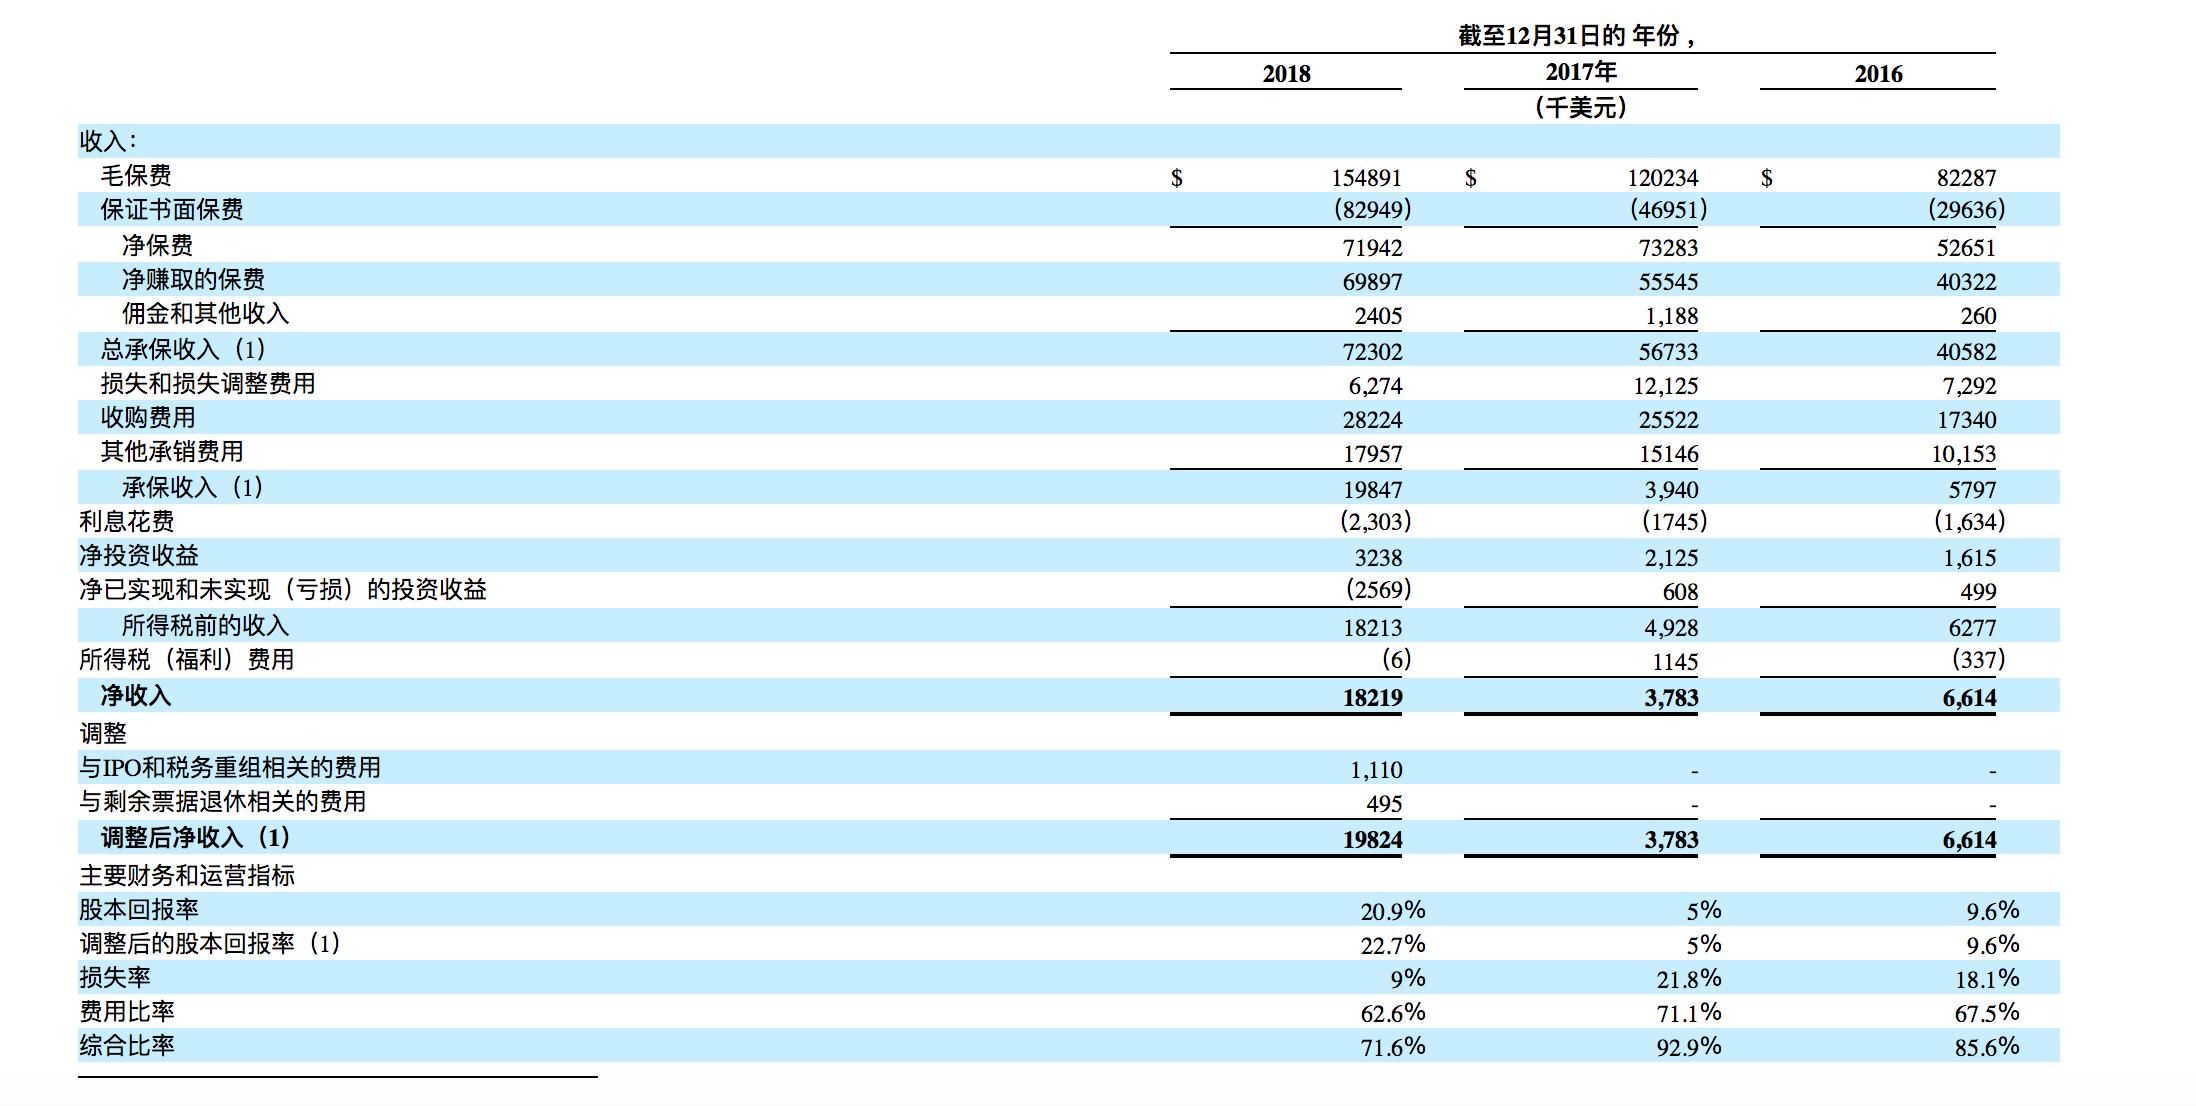 如何购买 美股 Palomar Holdings,Inc